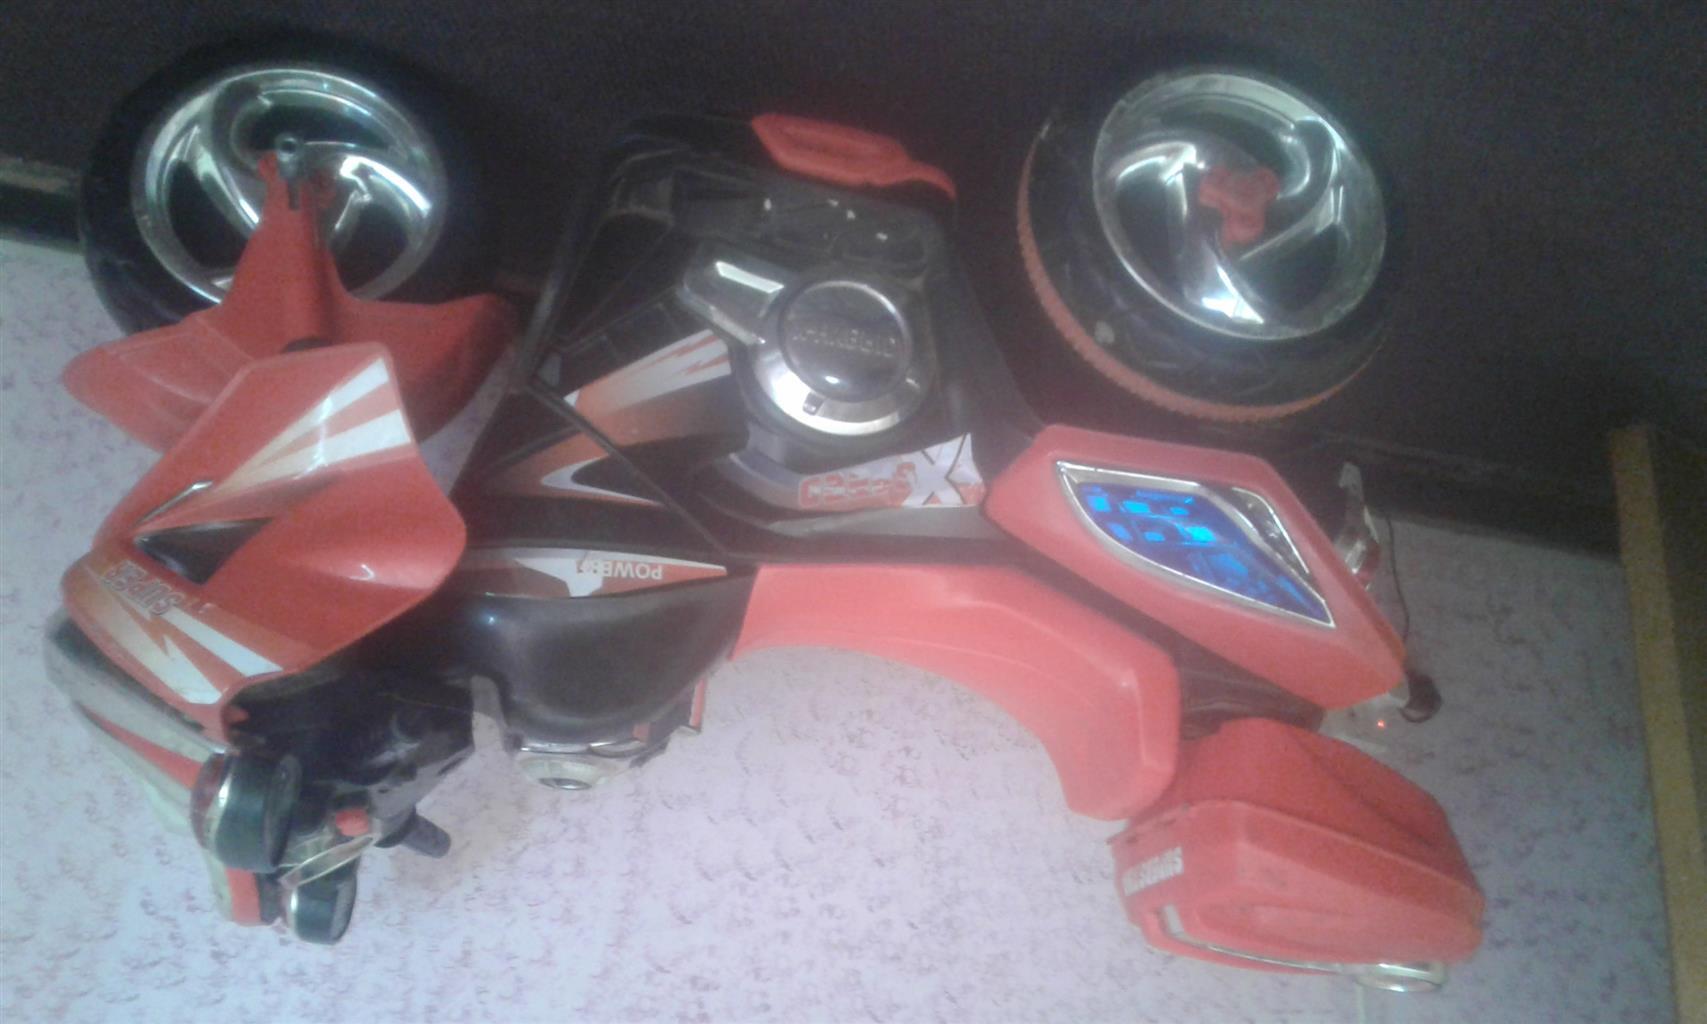 3weel bike